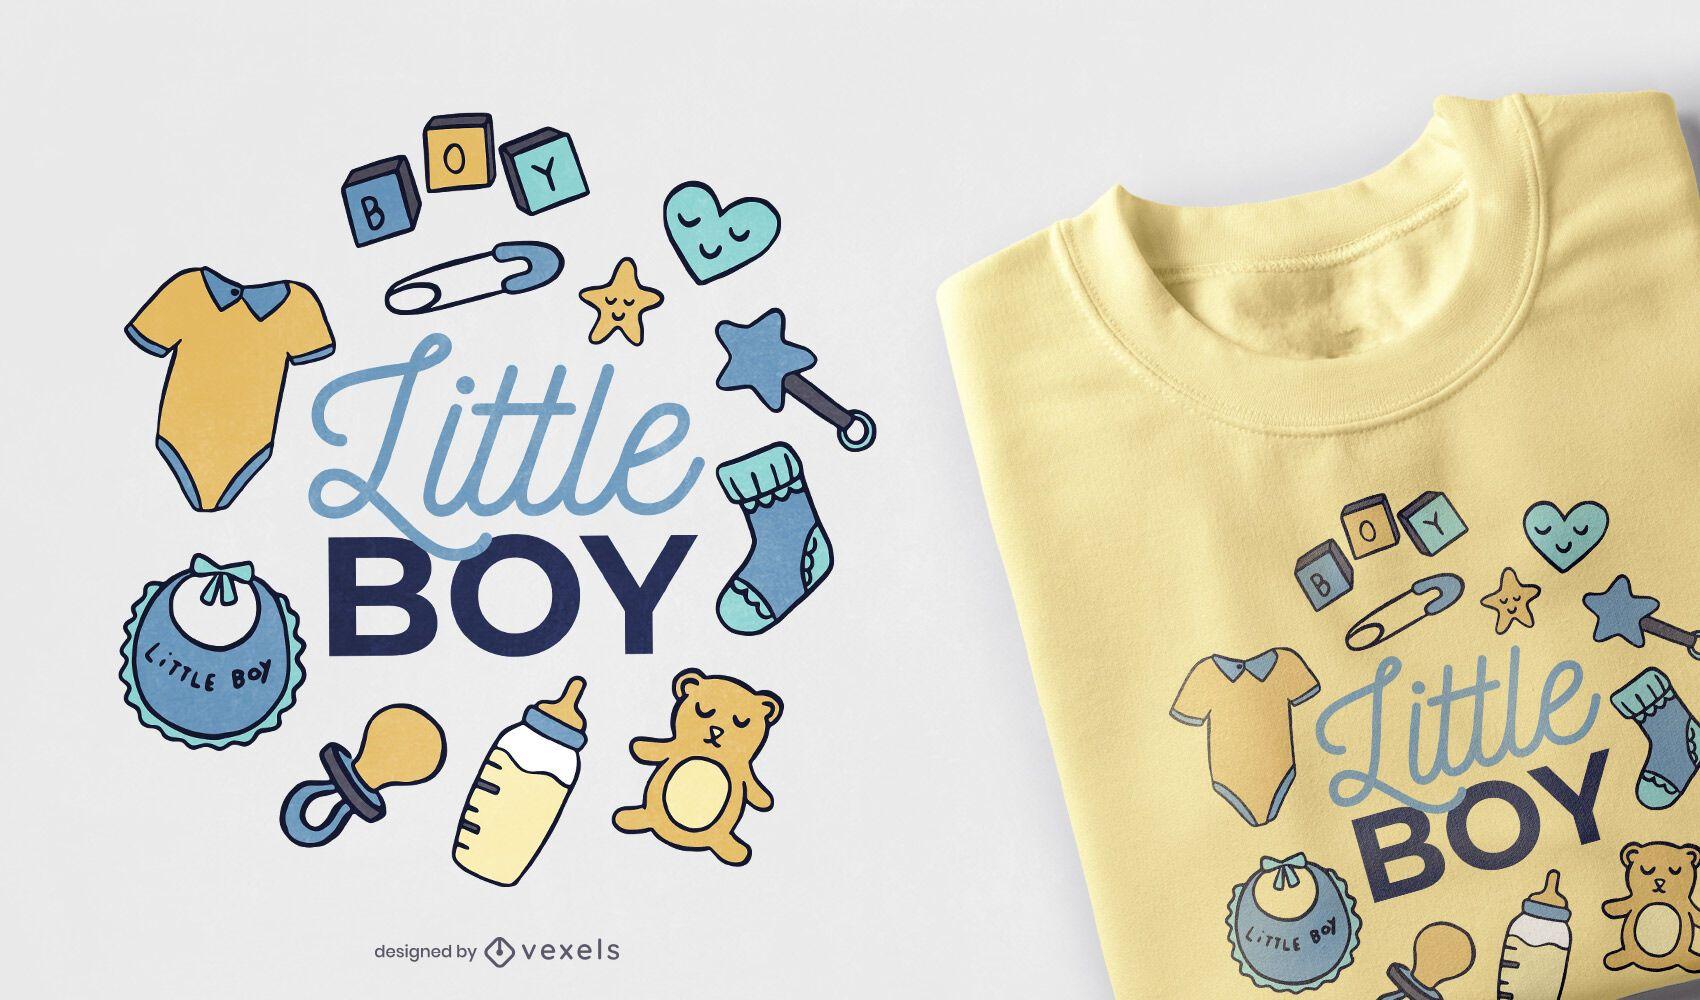 Little boy t-shirt design